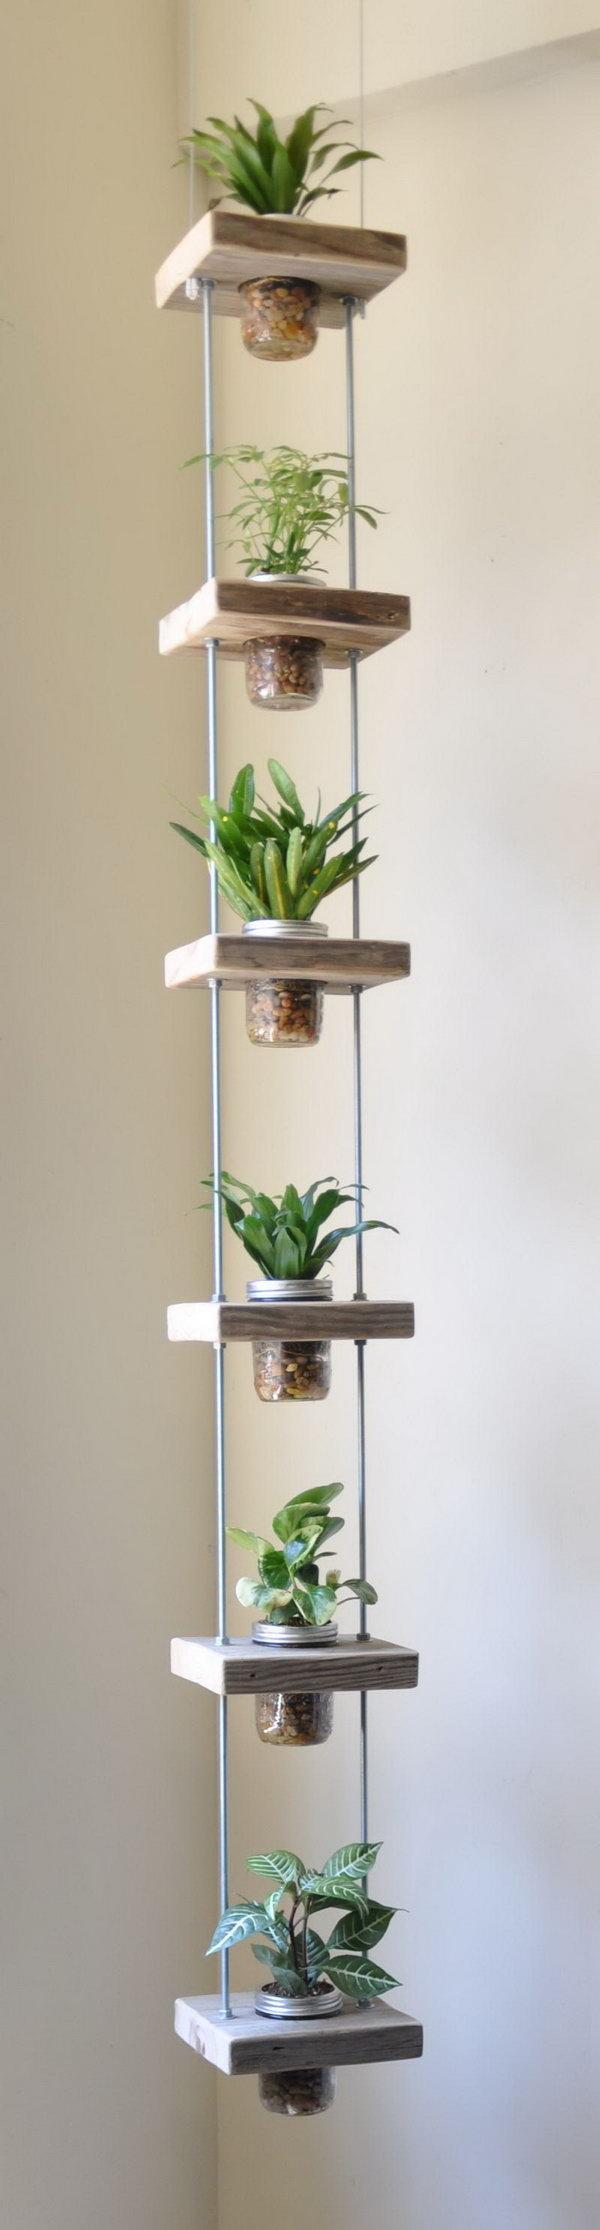 Rack Hanging Pot Ikea